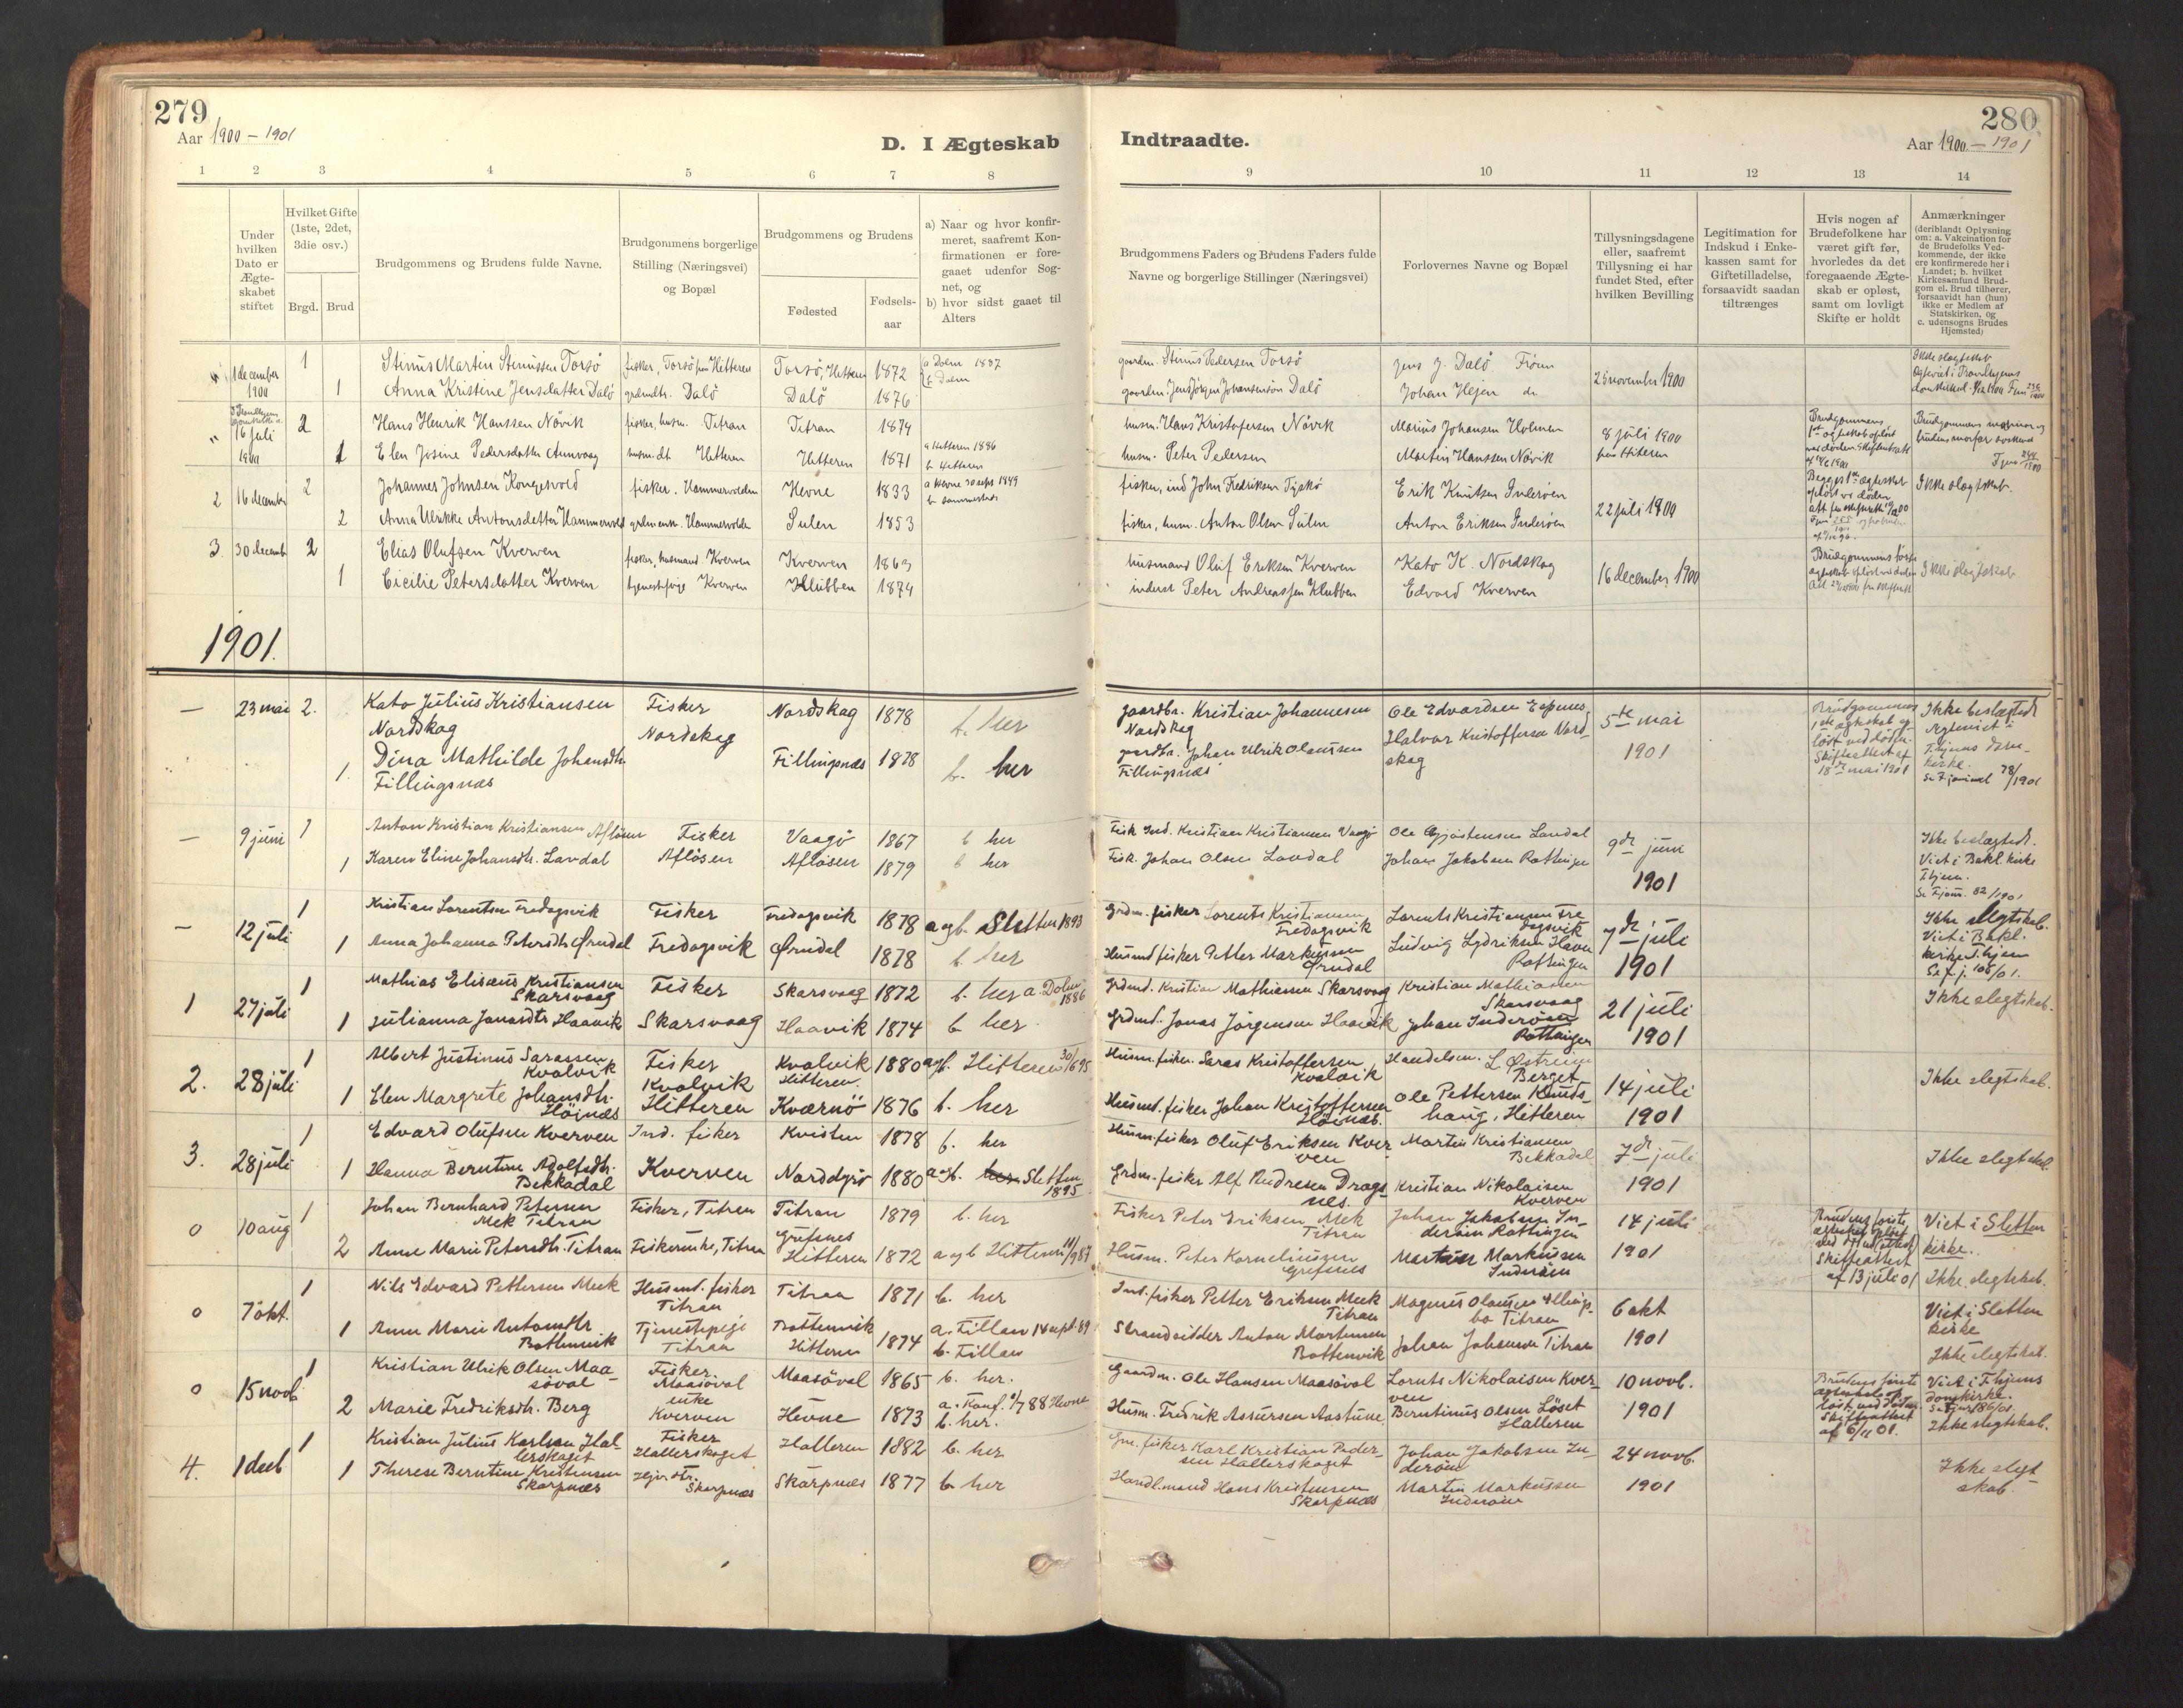 SAT, Ministerialprotokoller, klokkerbøker og fødselsregistre - Sør-Trøndelag, 641/L0596: Ministerialbok nr. 641A02, 1898-1915, s. 279-280